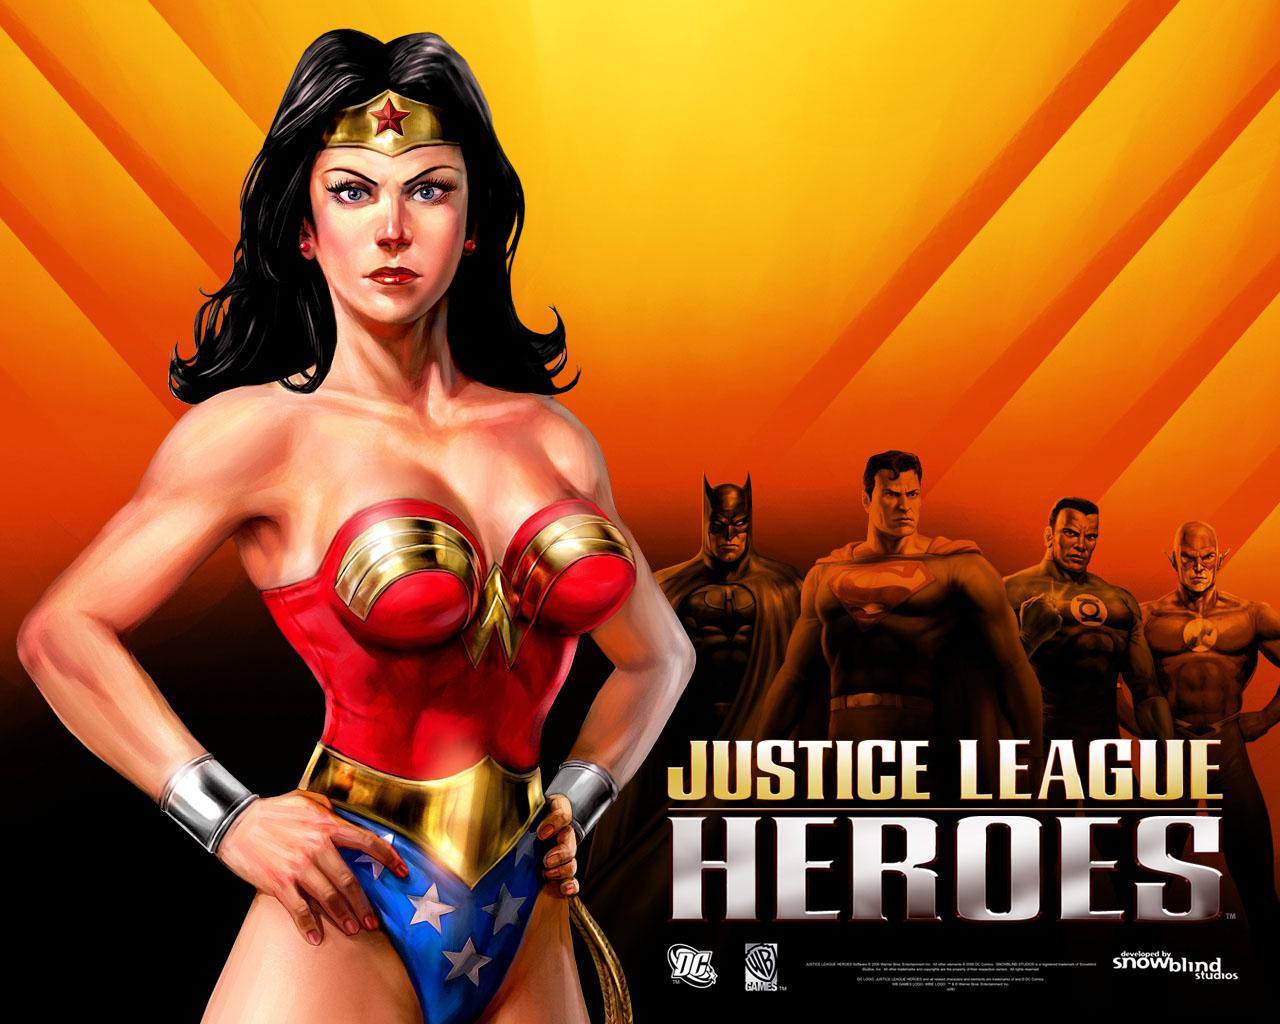 http://3.bp.blogspot.com/-dIp6bGjzUyw/TscKqaVUZBI/AAAAAAAAAsA/DV-JDIRSoO0/s1600/justice-league-wallpaper-7-740754.jpg